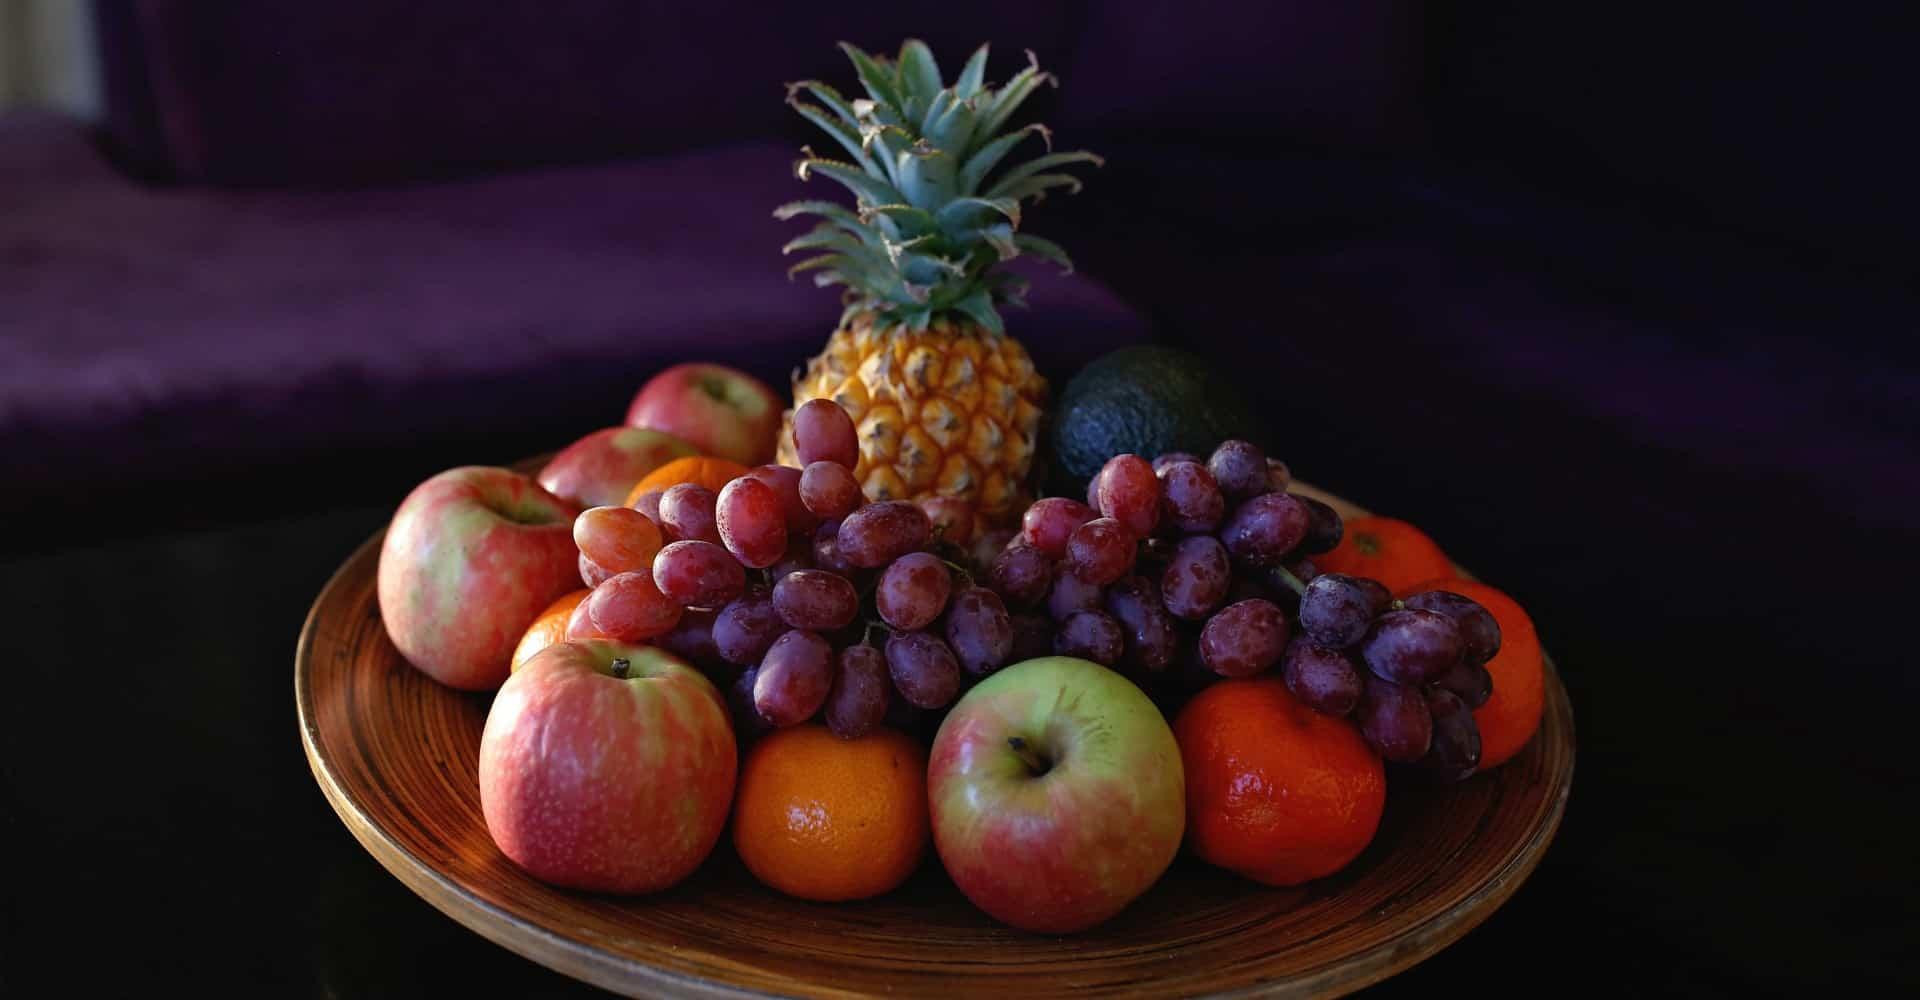 Da Heim Gästehaus Obstkorb zur Begrüßung - fruits to welcome guesthouse guests